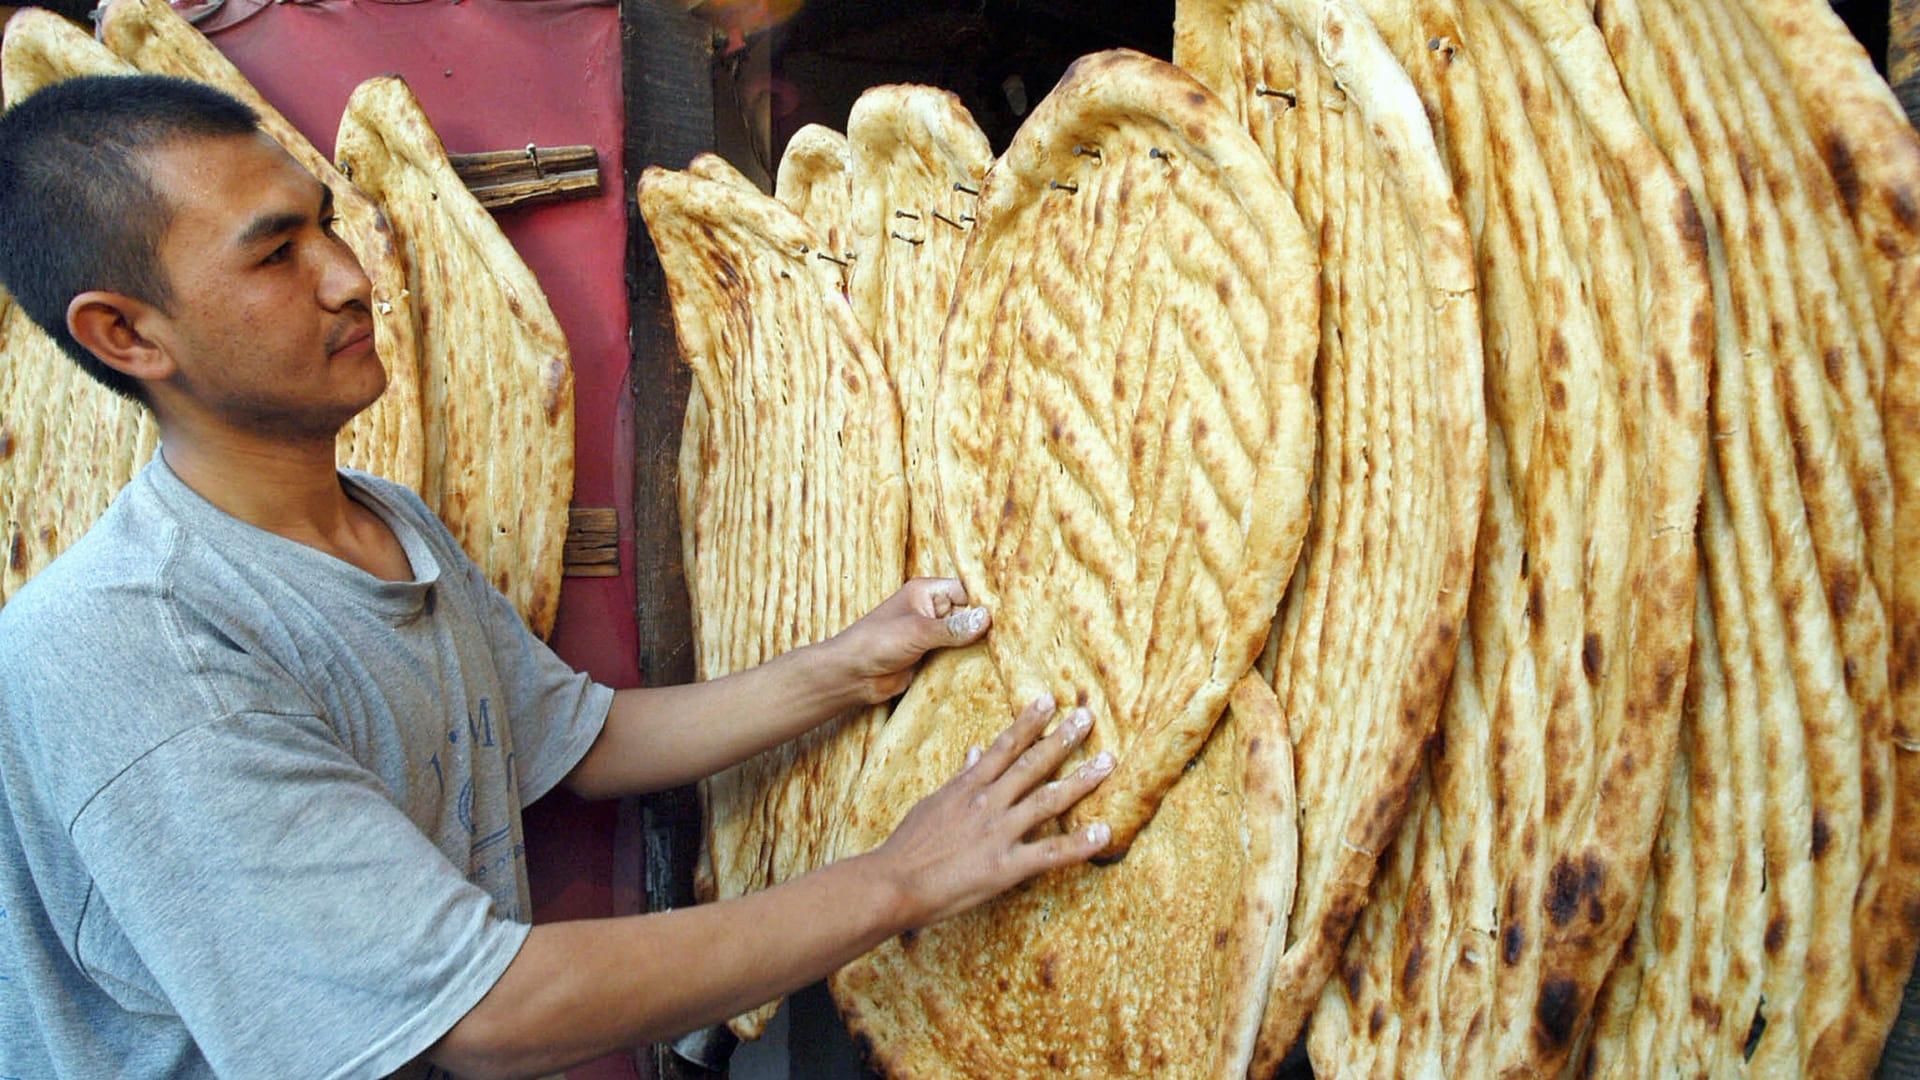 كيف تختار أفضل أنواع الخبز وما هي المكونات التي يجب تفاديها؟